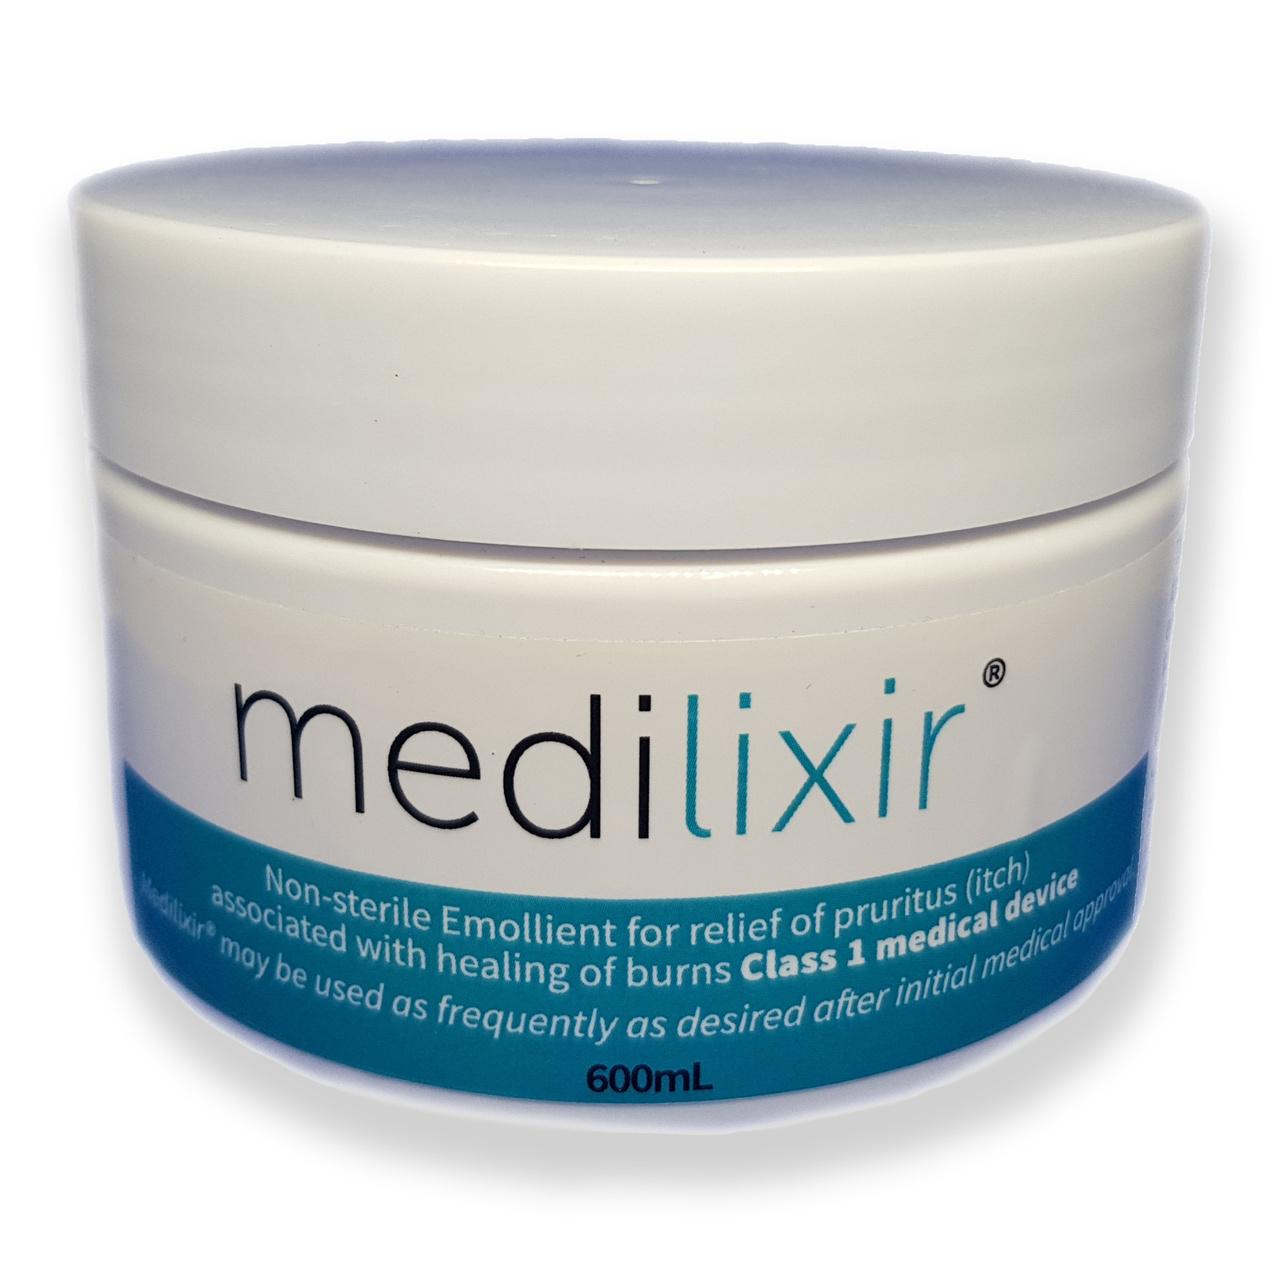 Medilixir - 600ml